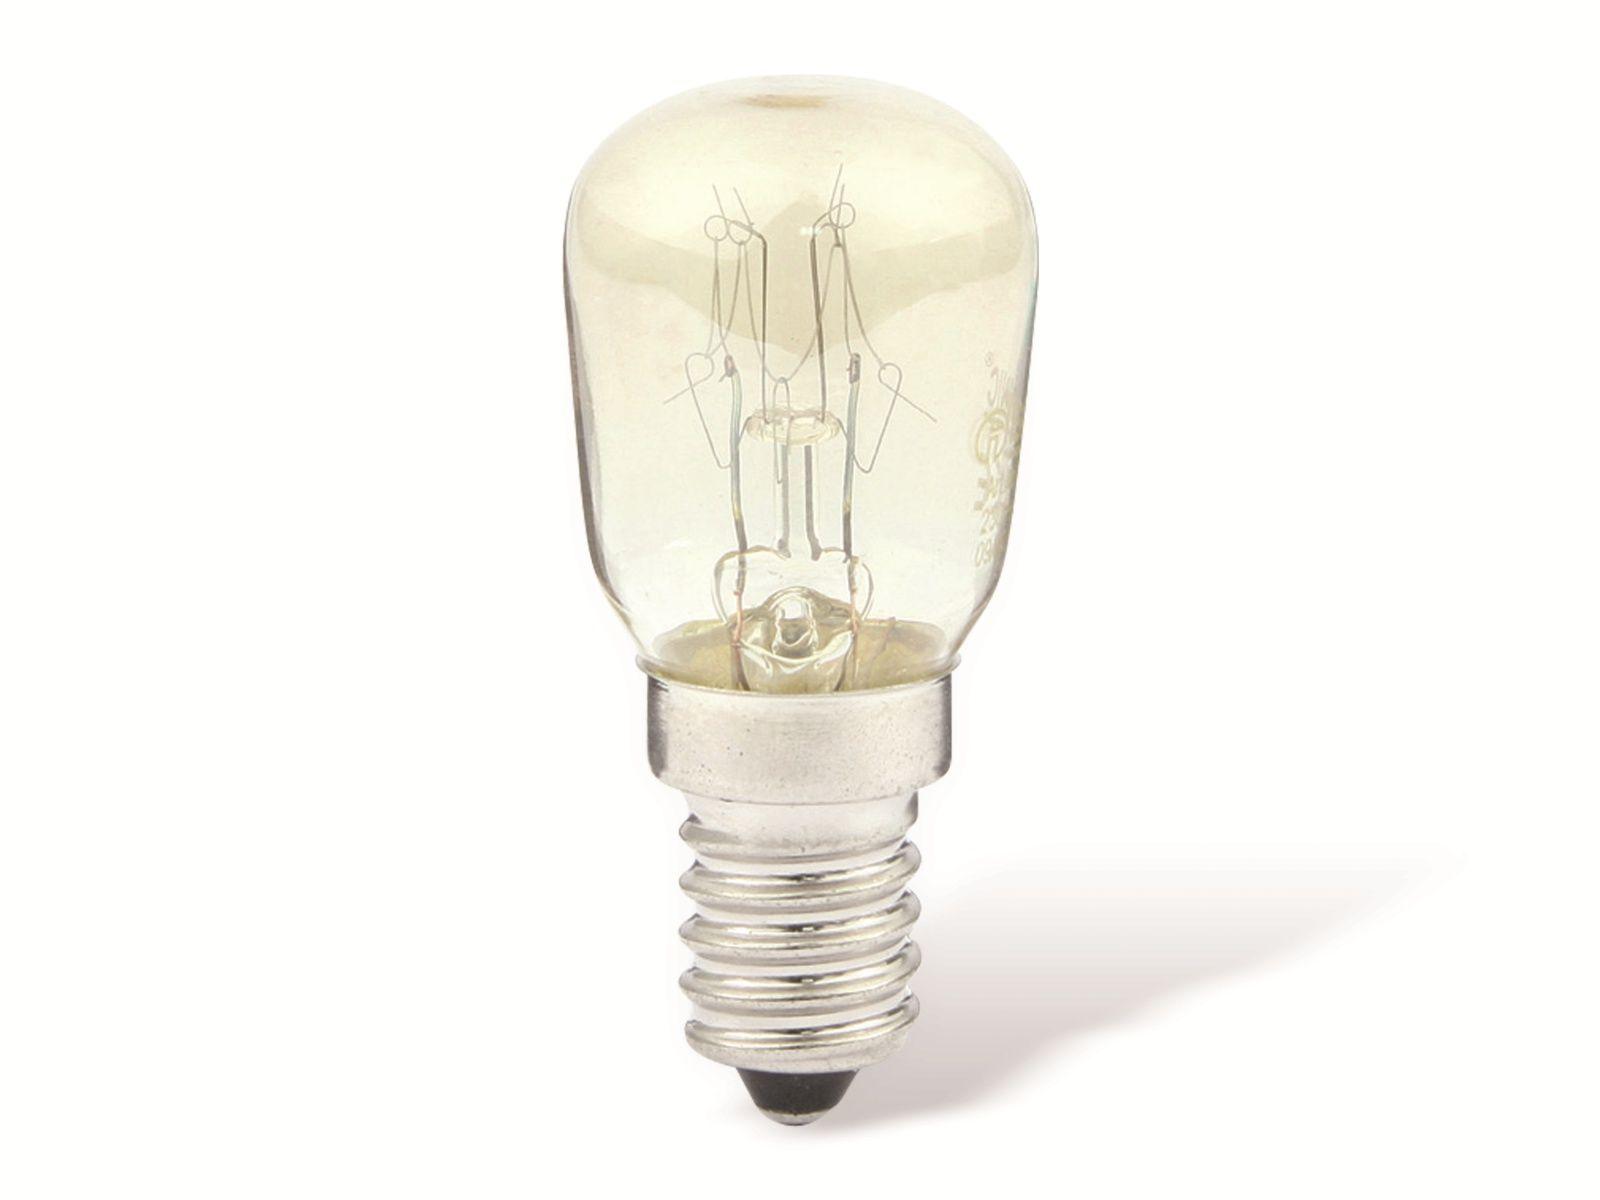 birnenlampe k hlschrank e14 eek g 15 w. Black Bedroom Furniture Sets. Home Design Ideas